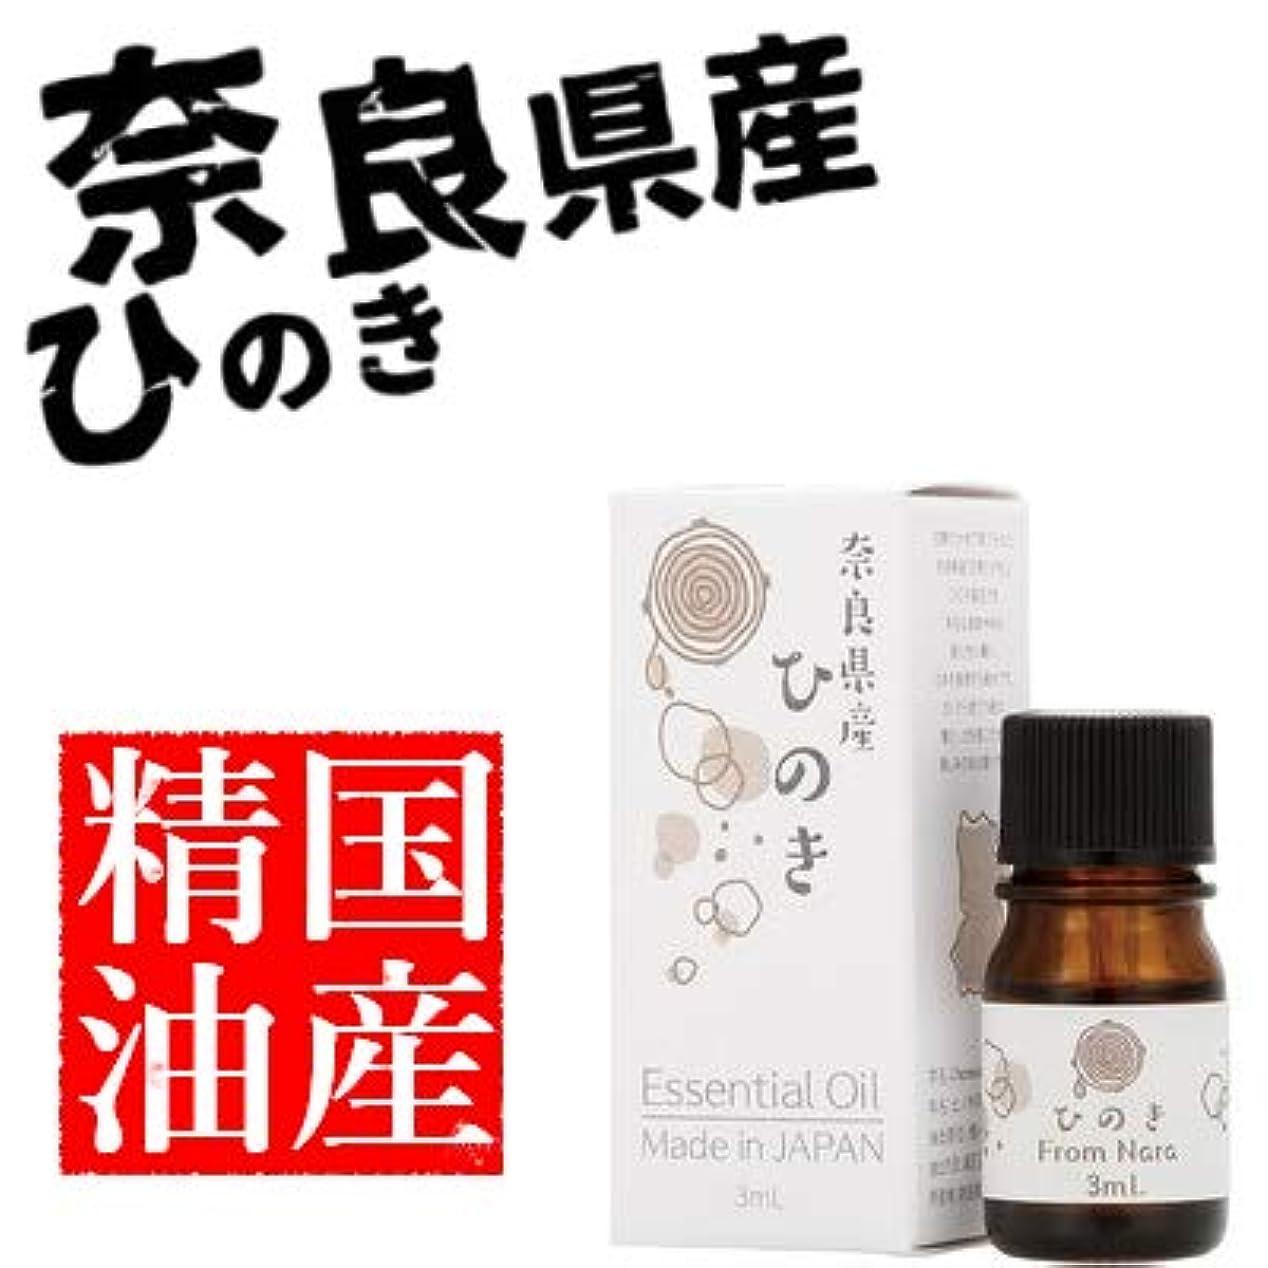 死シビック磁石日本の香りシリーズ エッセンシャルオイル 国産精油 (ひのき)